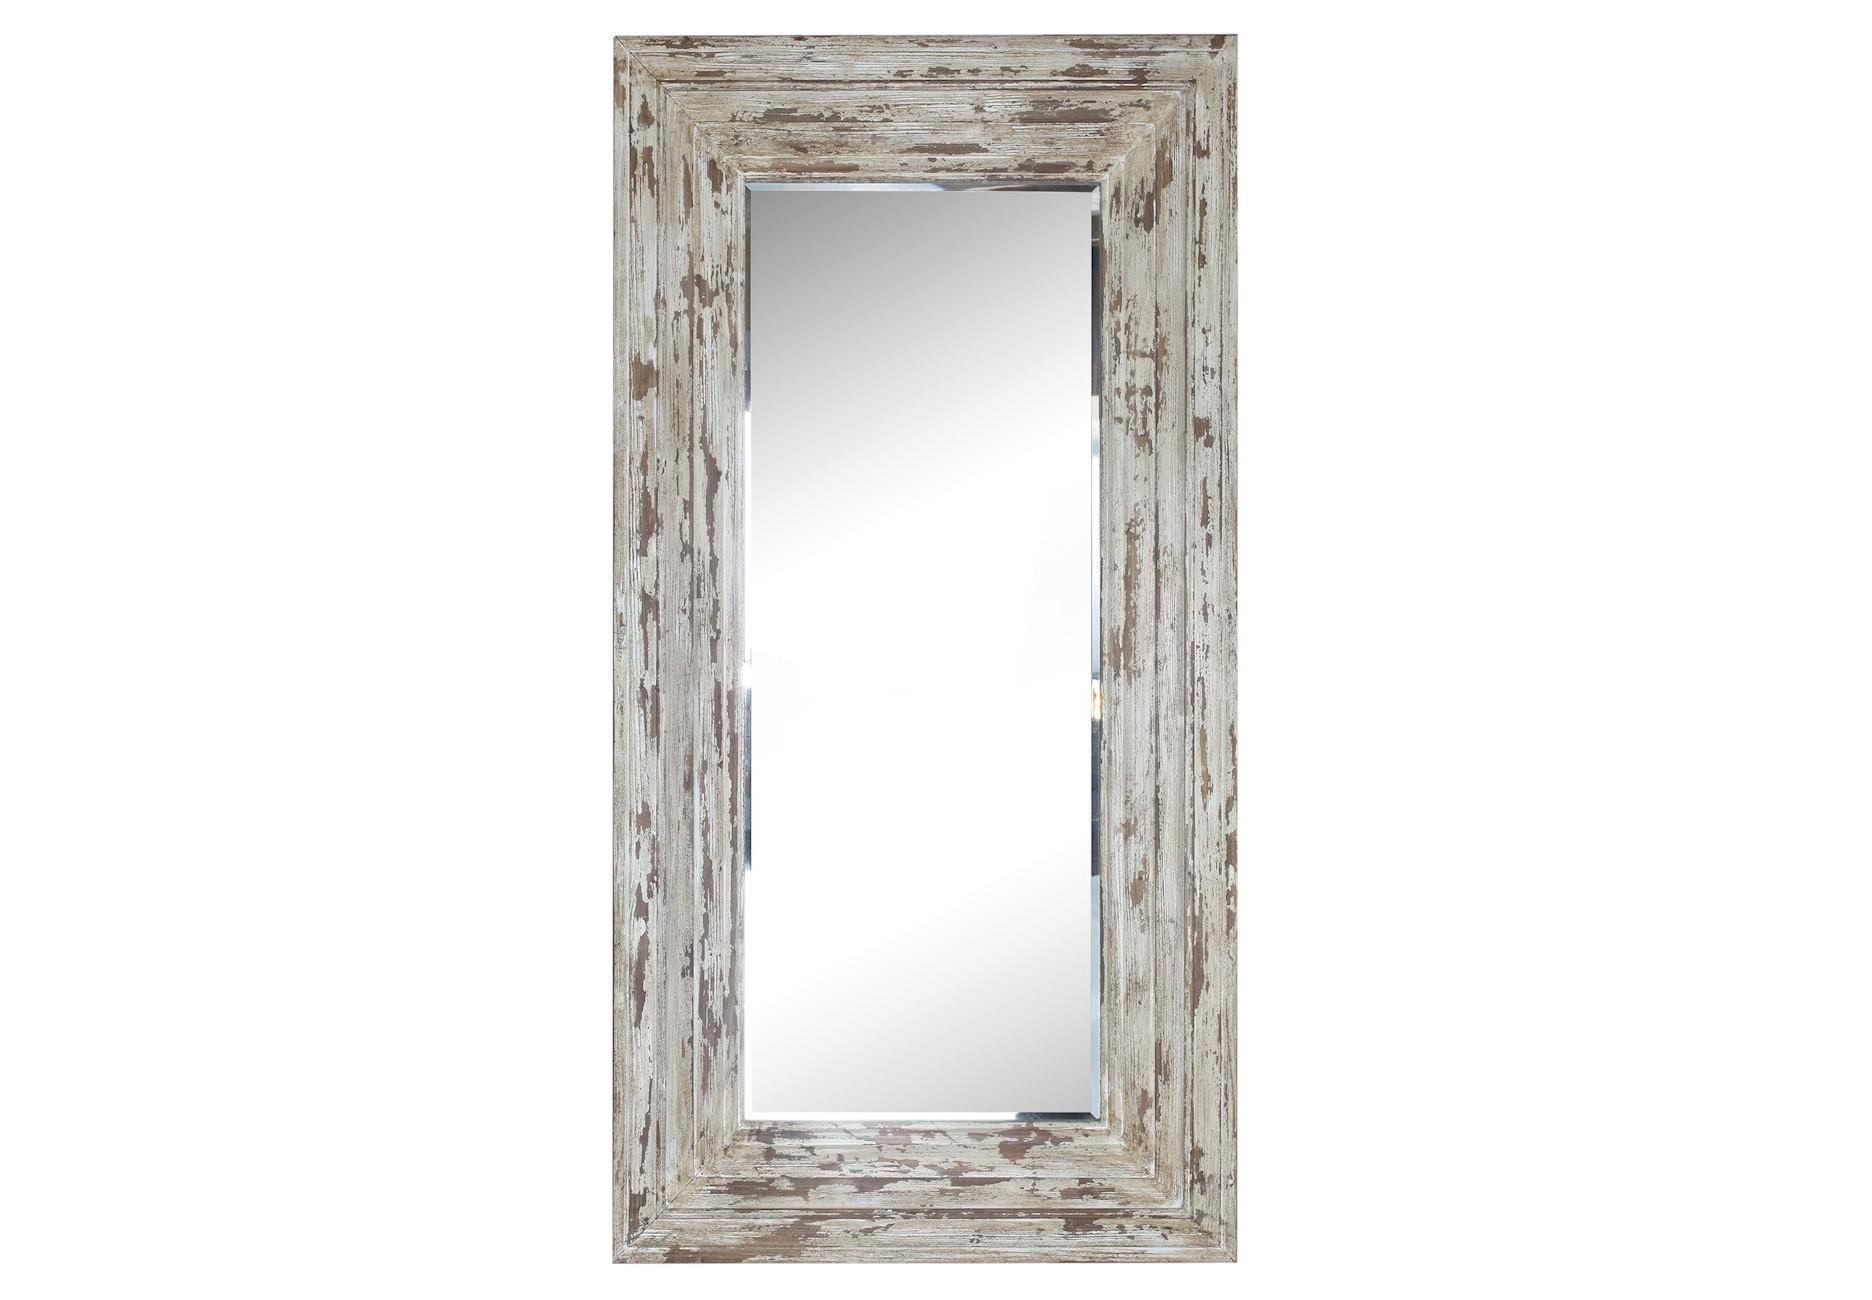 ЗеркалоНастенные зеркала<br><br><br>Material: Дерево<br>Width см: 100<br>Depth см: 9<br>Height см: 190